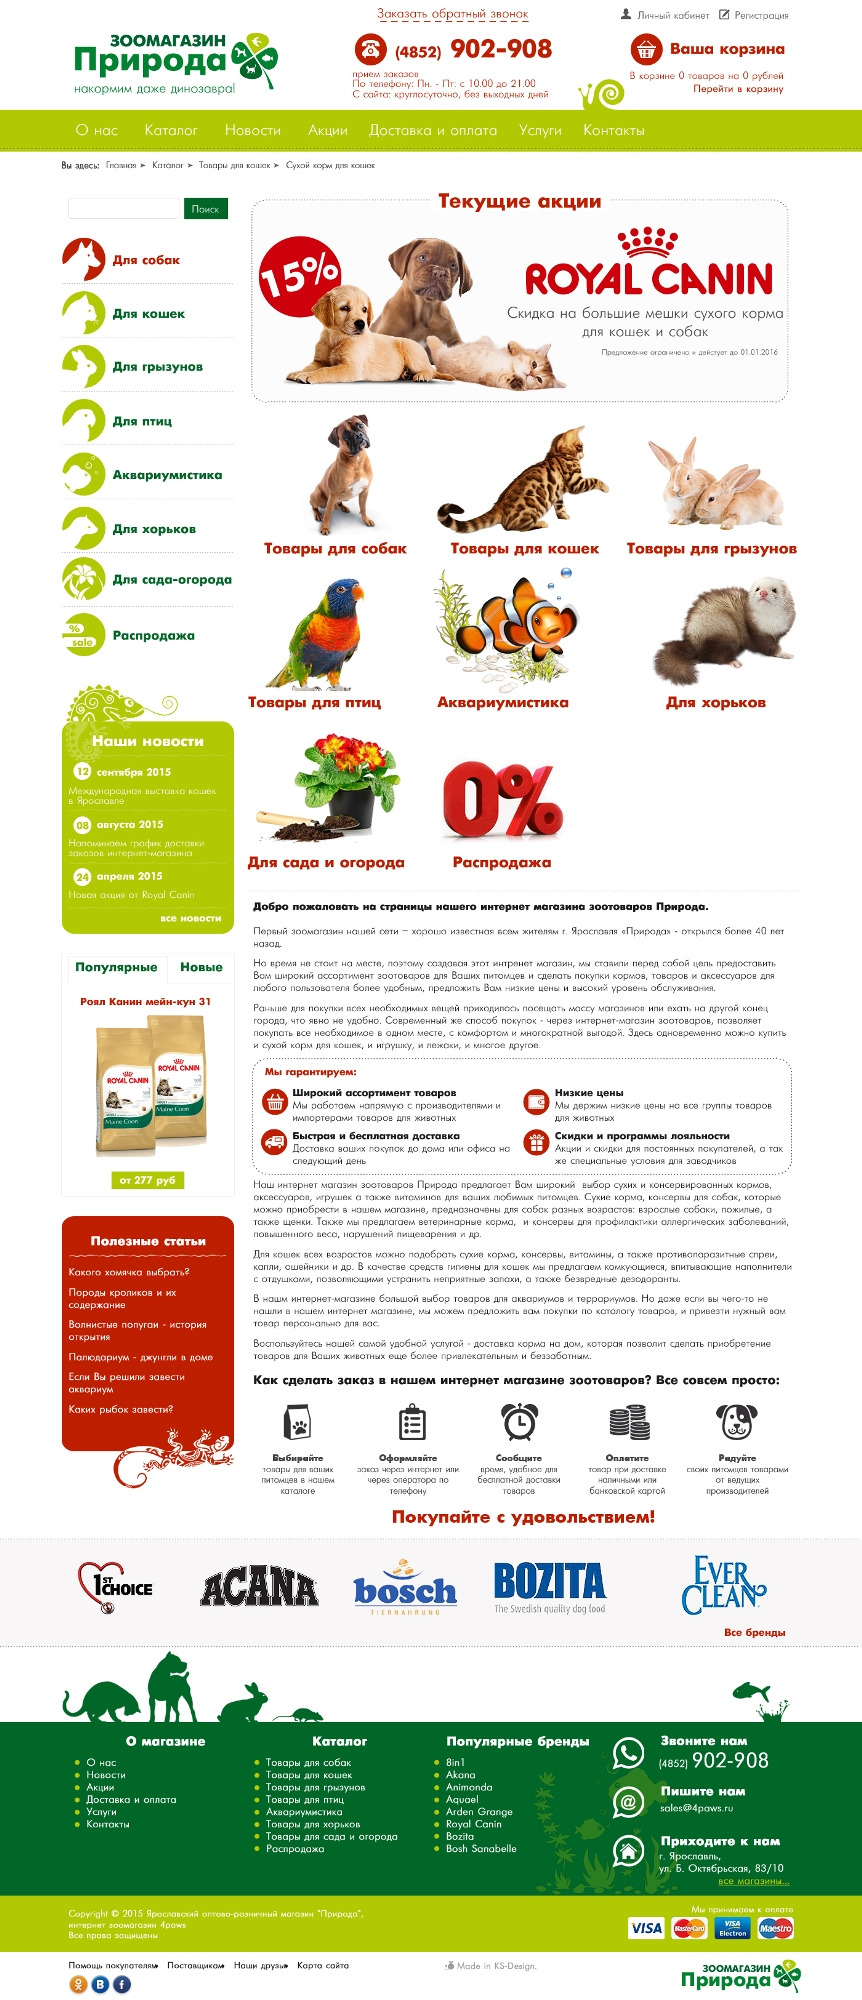 дизайн сайта для интернет-магазина